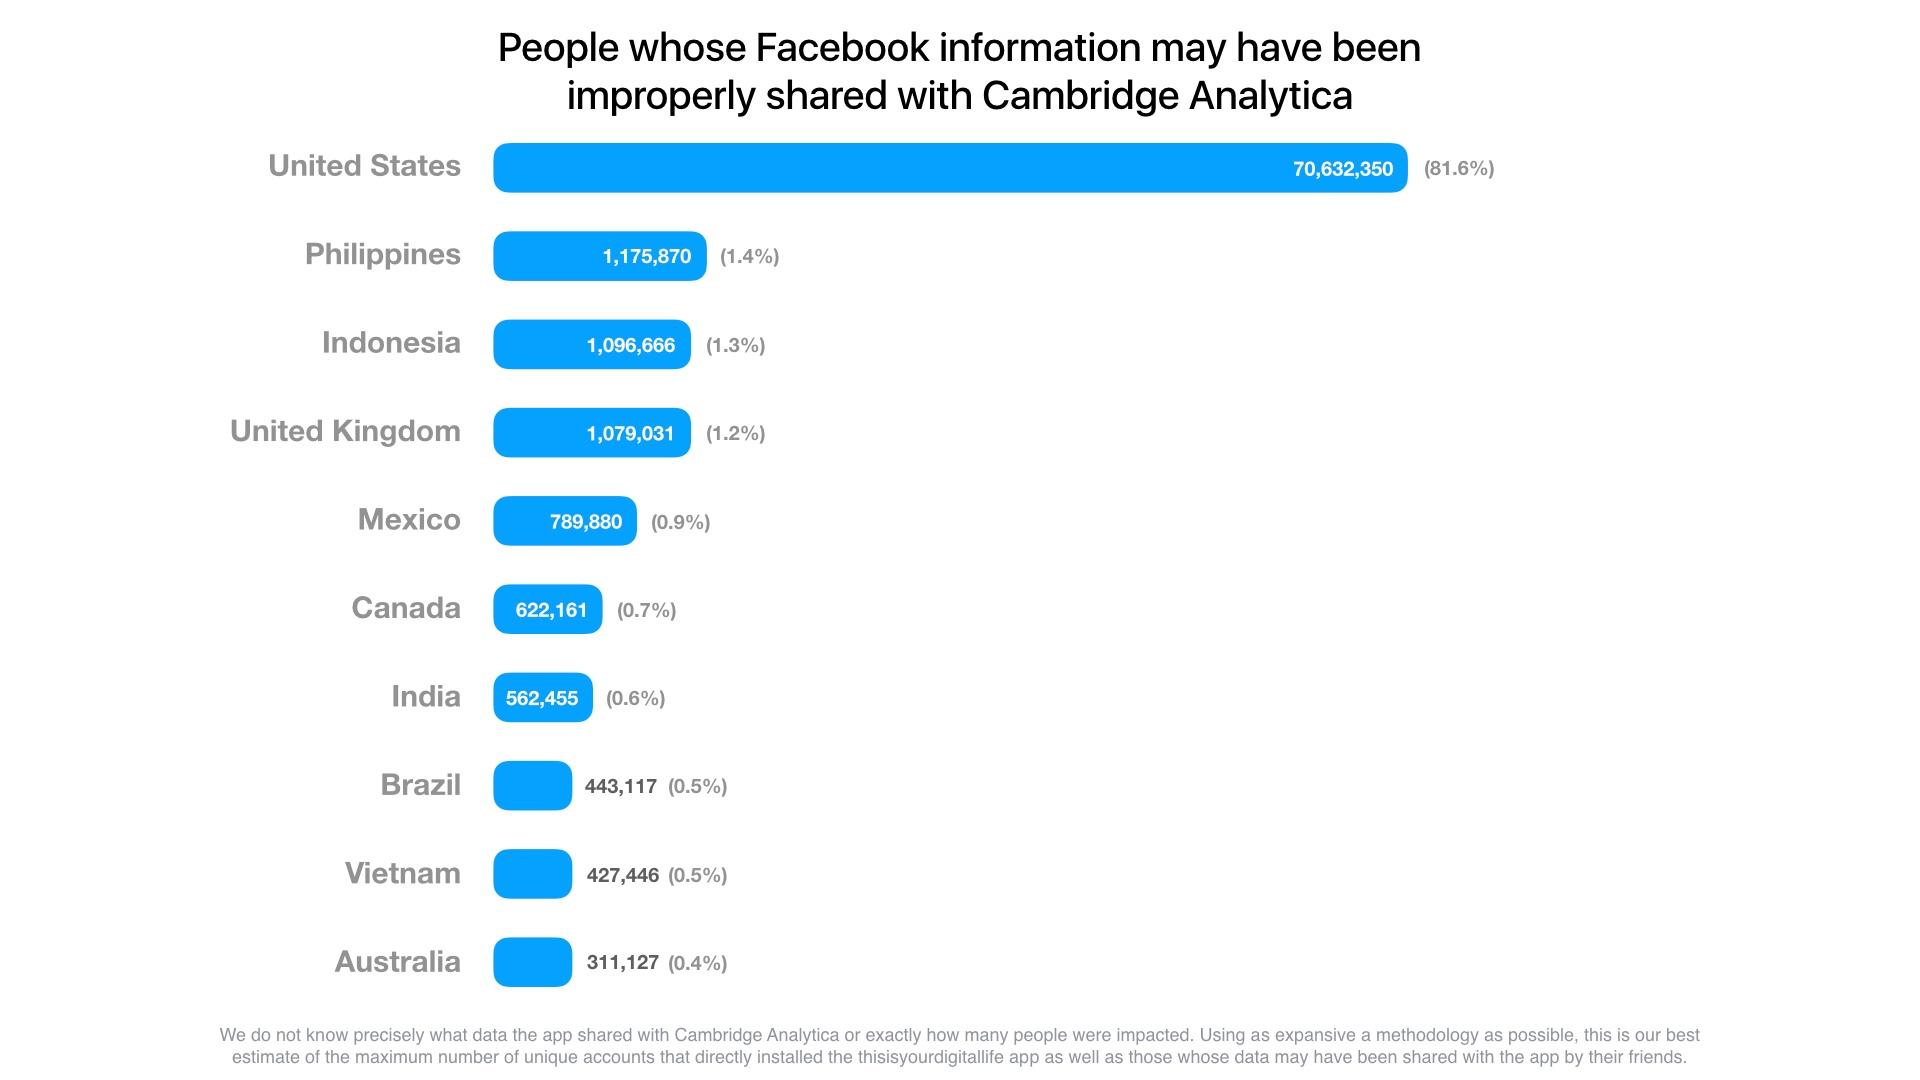 脸书被不当分享用户升至8700万 小扎将赴国会作证